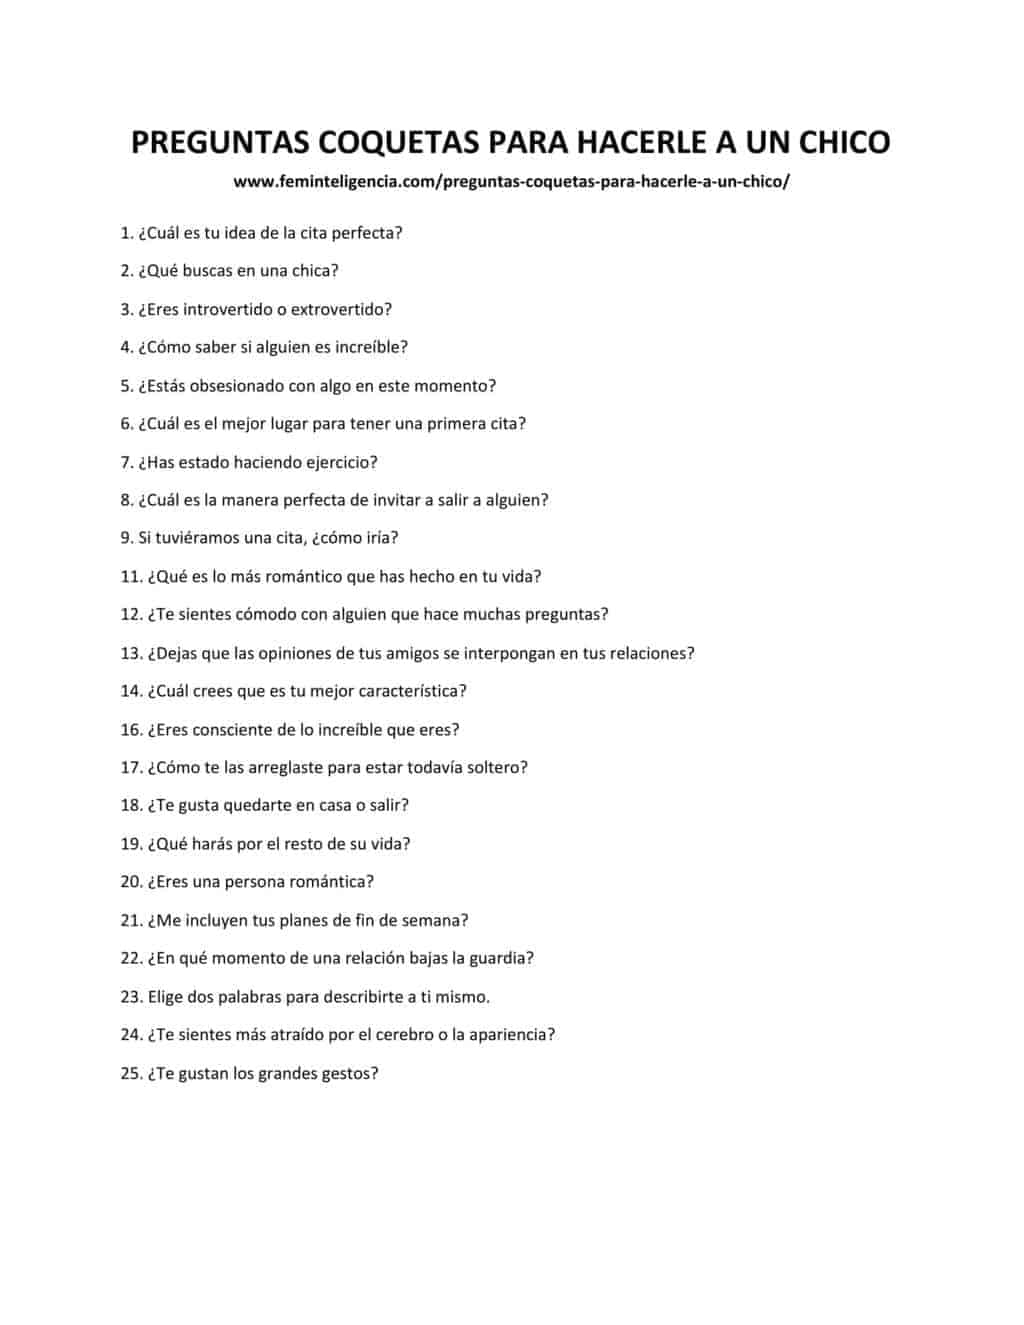 127 Preguntas Coquetas Para Hacerle A Un Chico La Lista Que Necesitaras